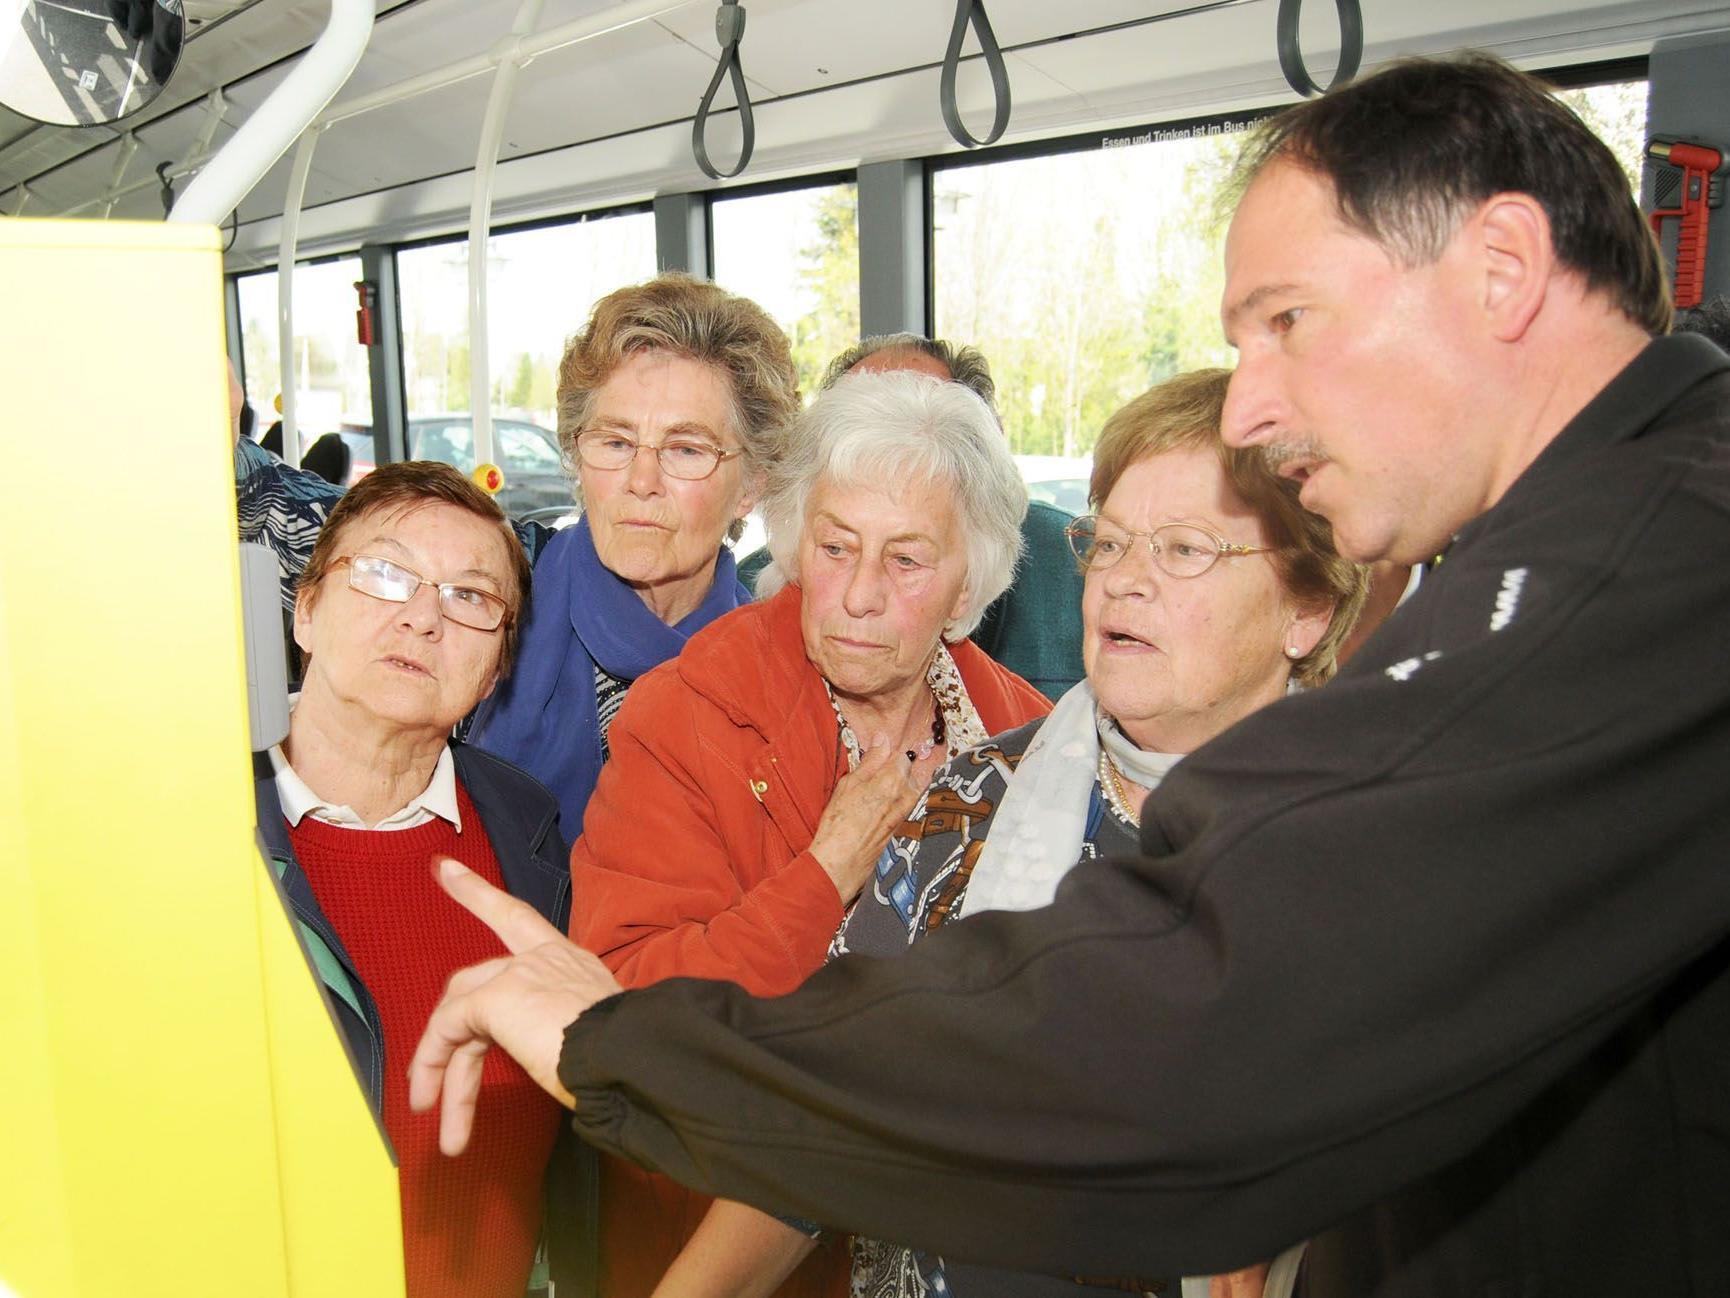 Die Fußacher Senioren nutzten die Möglichkeit, den Fahrscheinautomaten zu testen.